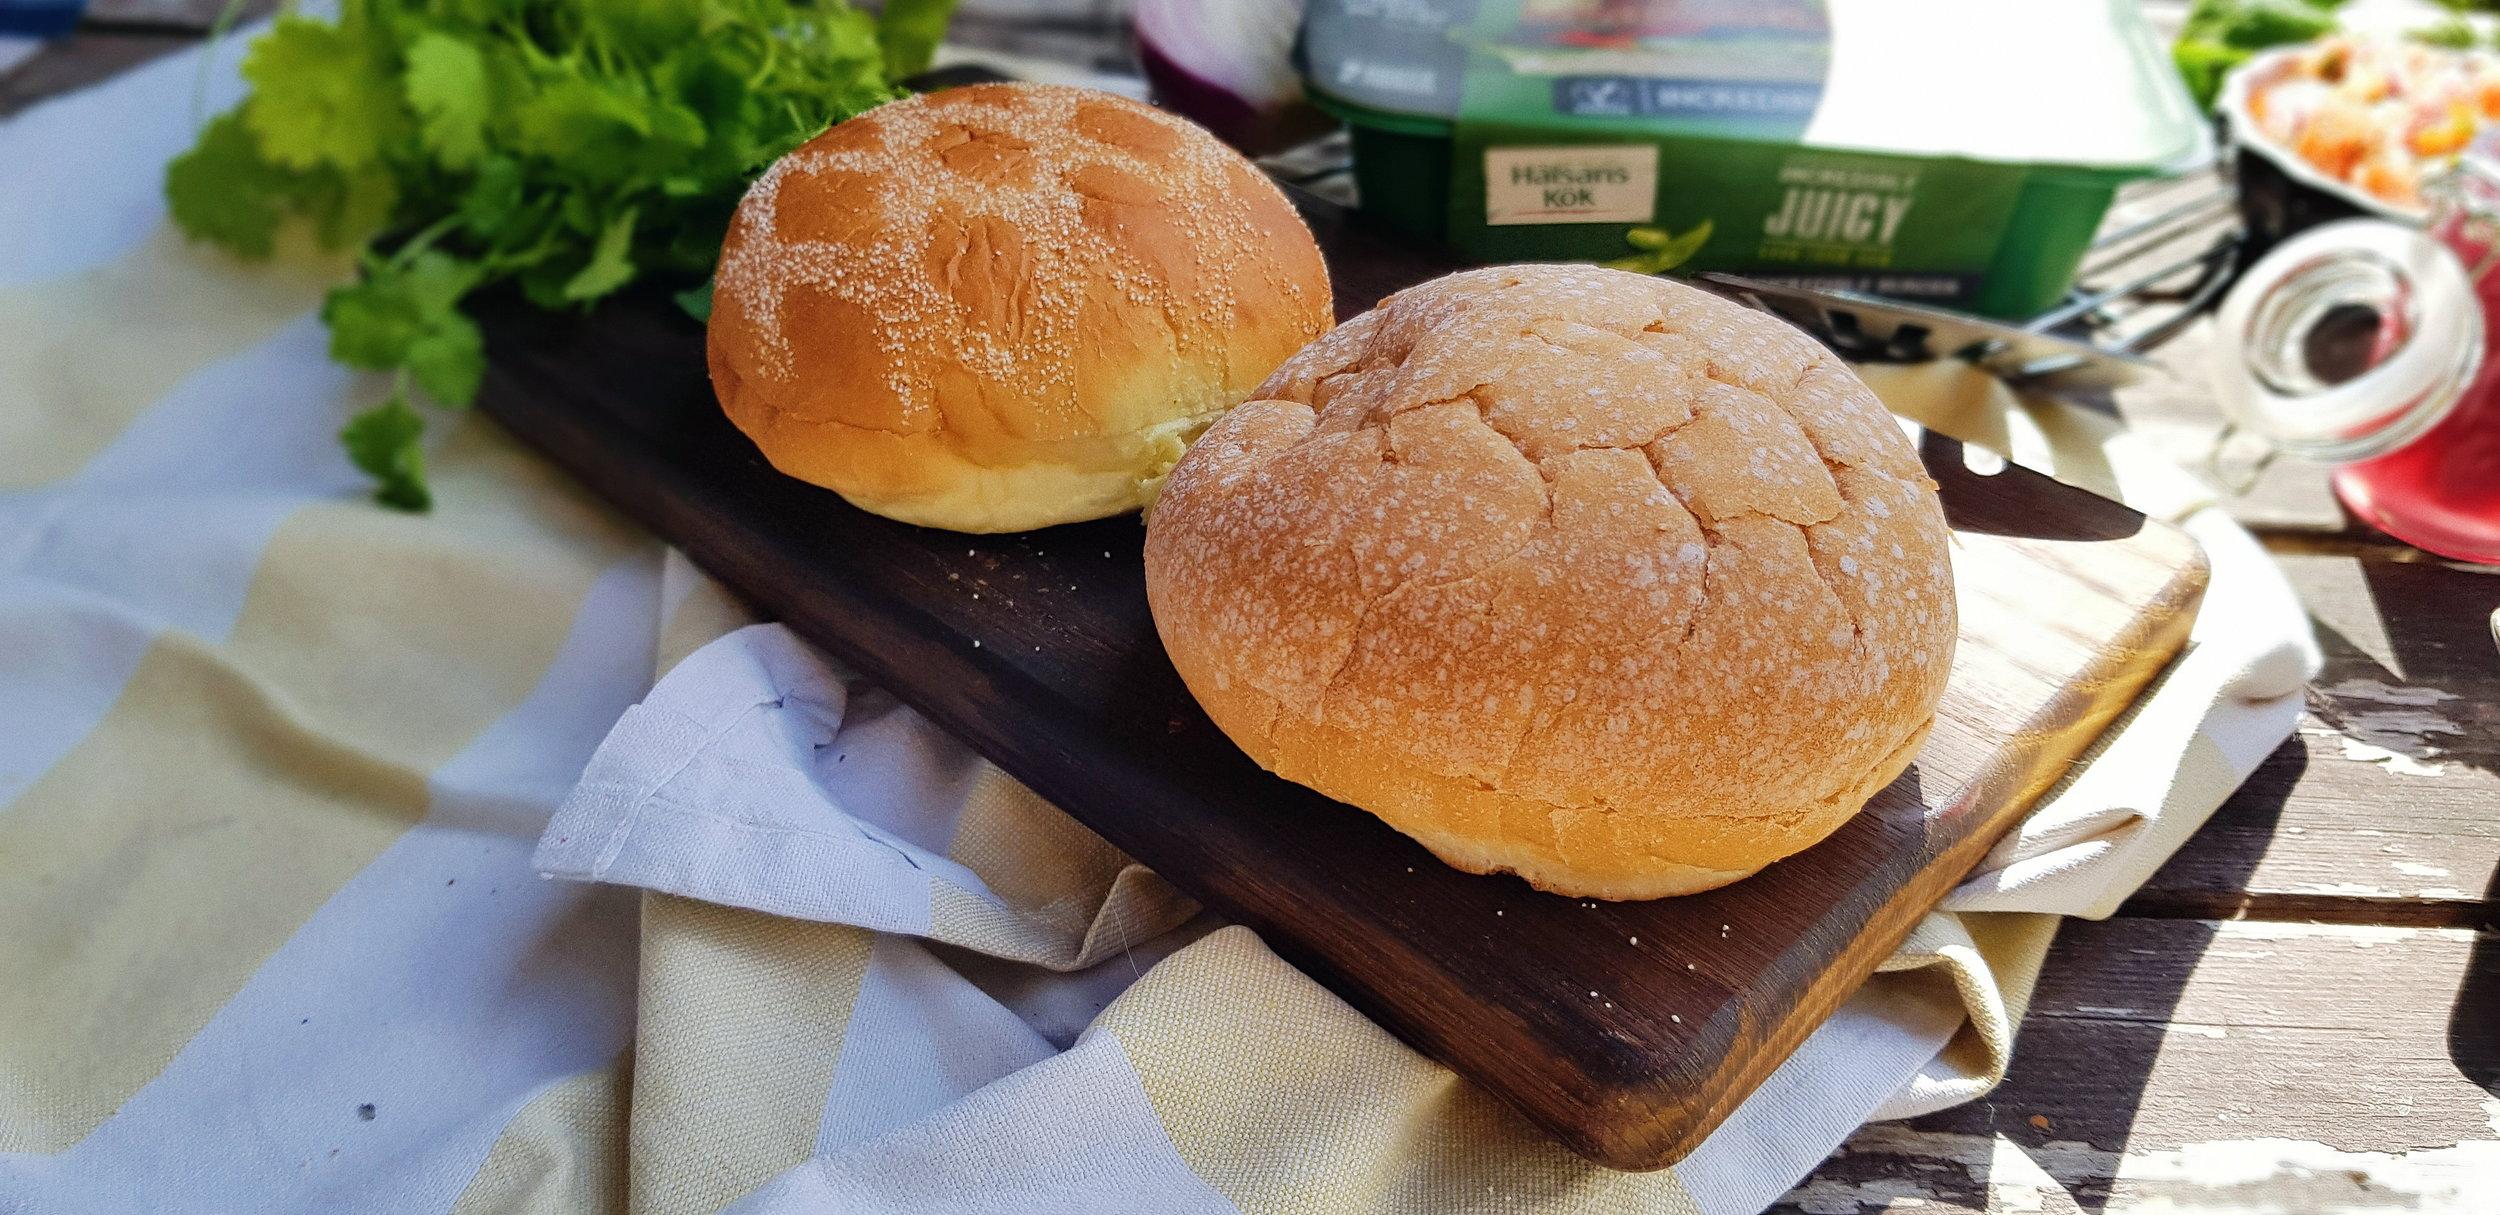 Brödet - Frisco- eller surdegsbröd?